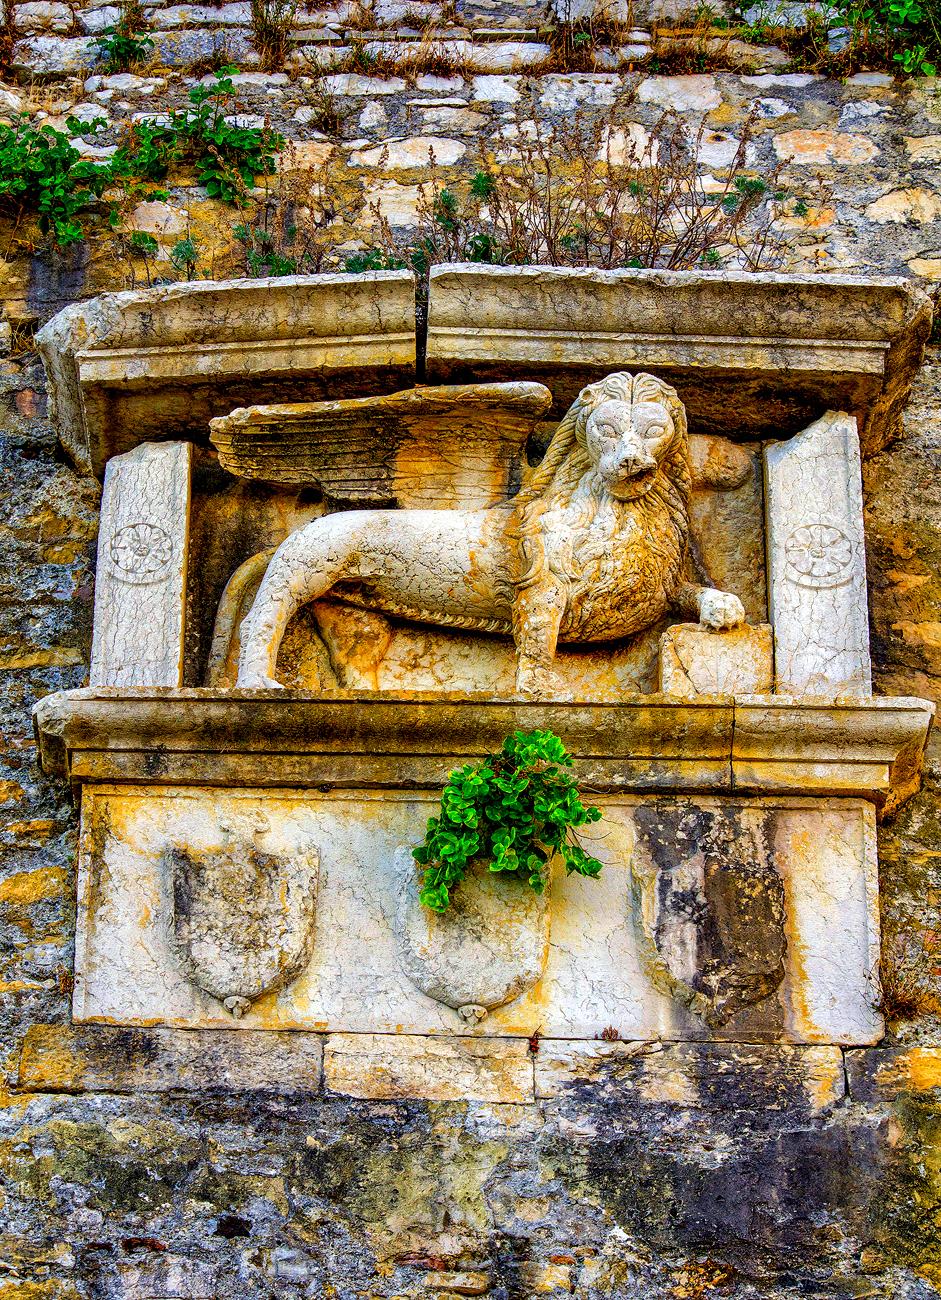 Το λιοντάρι του αντικρημνού (Contrascarpa) της Τάφρου (Fossa), κάτω από την εκκλησία της Παναγίας Μανδρακίνας. Τα τρία στέμματα που περιλαμβάνονται στο σύνολο είναι σύμφωνα με τoυς Rusconi & Gerola αυτά του βάιλου Zaccaria Morosini (1554-56) και των δύο συμβούλων(Consiglieri) Leone Mocenigo (1555-57) & Giovanni Zani (1555-57).